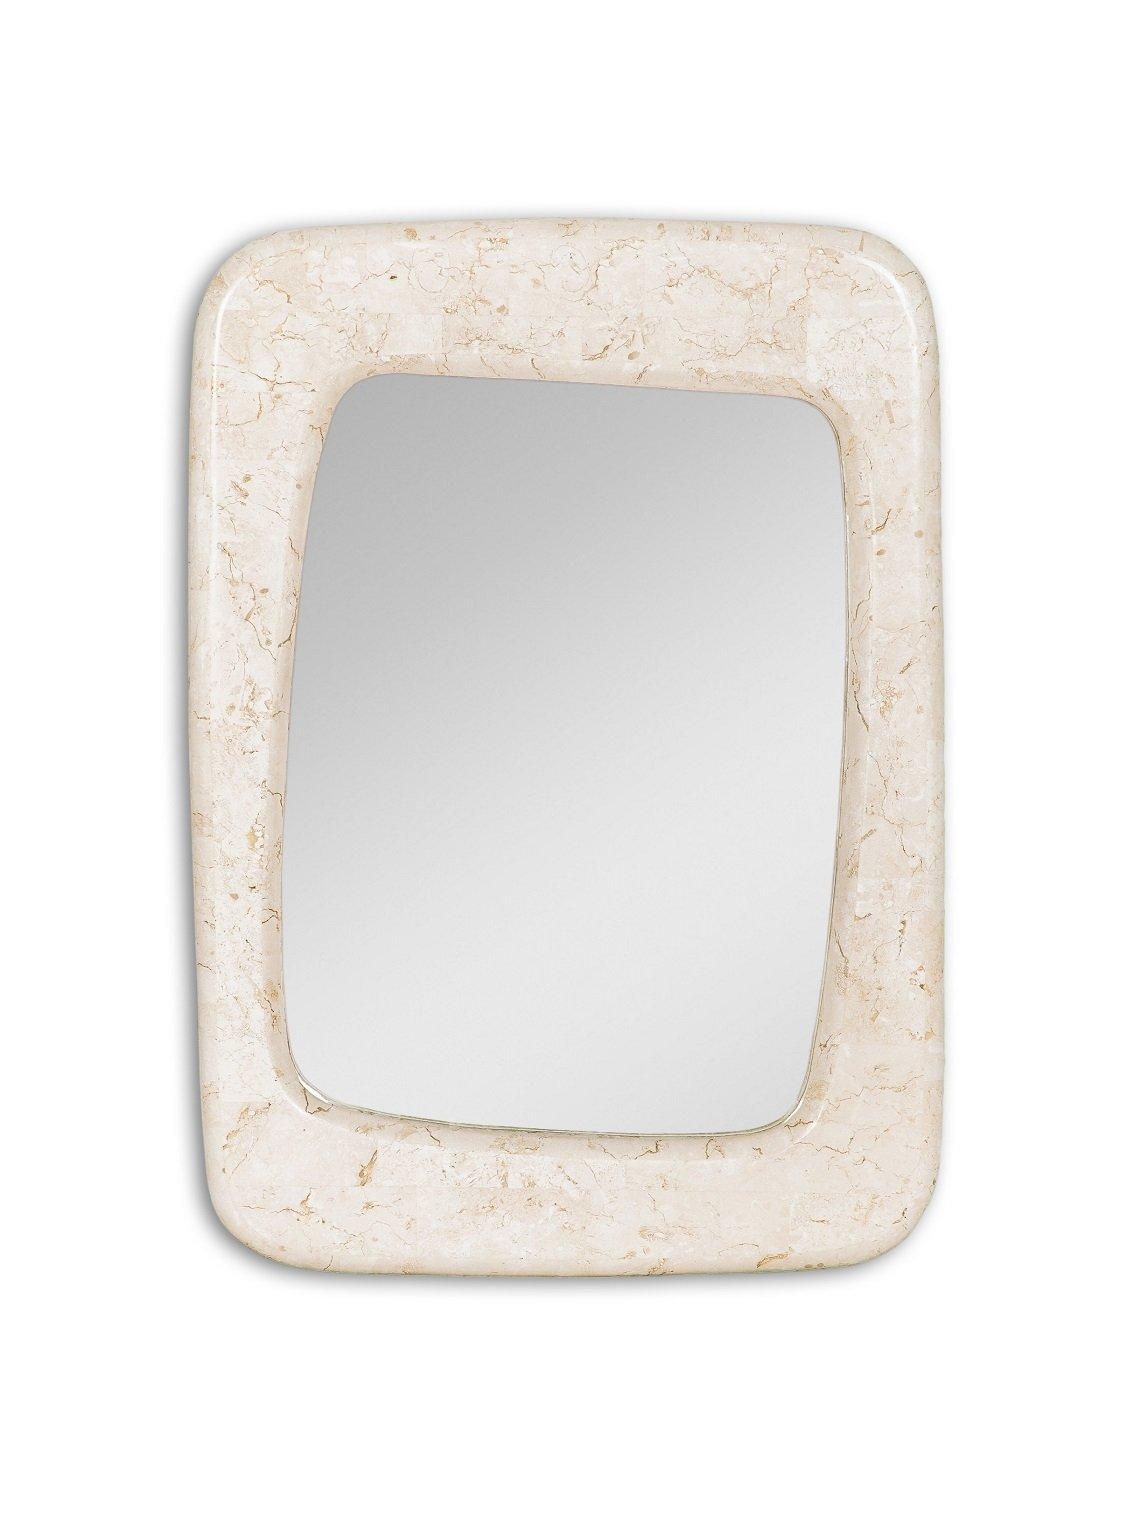 Specchio Rettangolare con Cornice in Pietra Fossile Bianco Agata